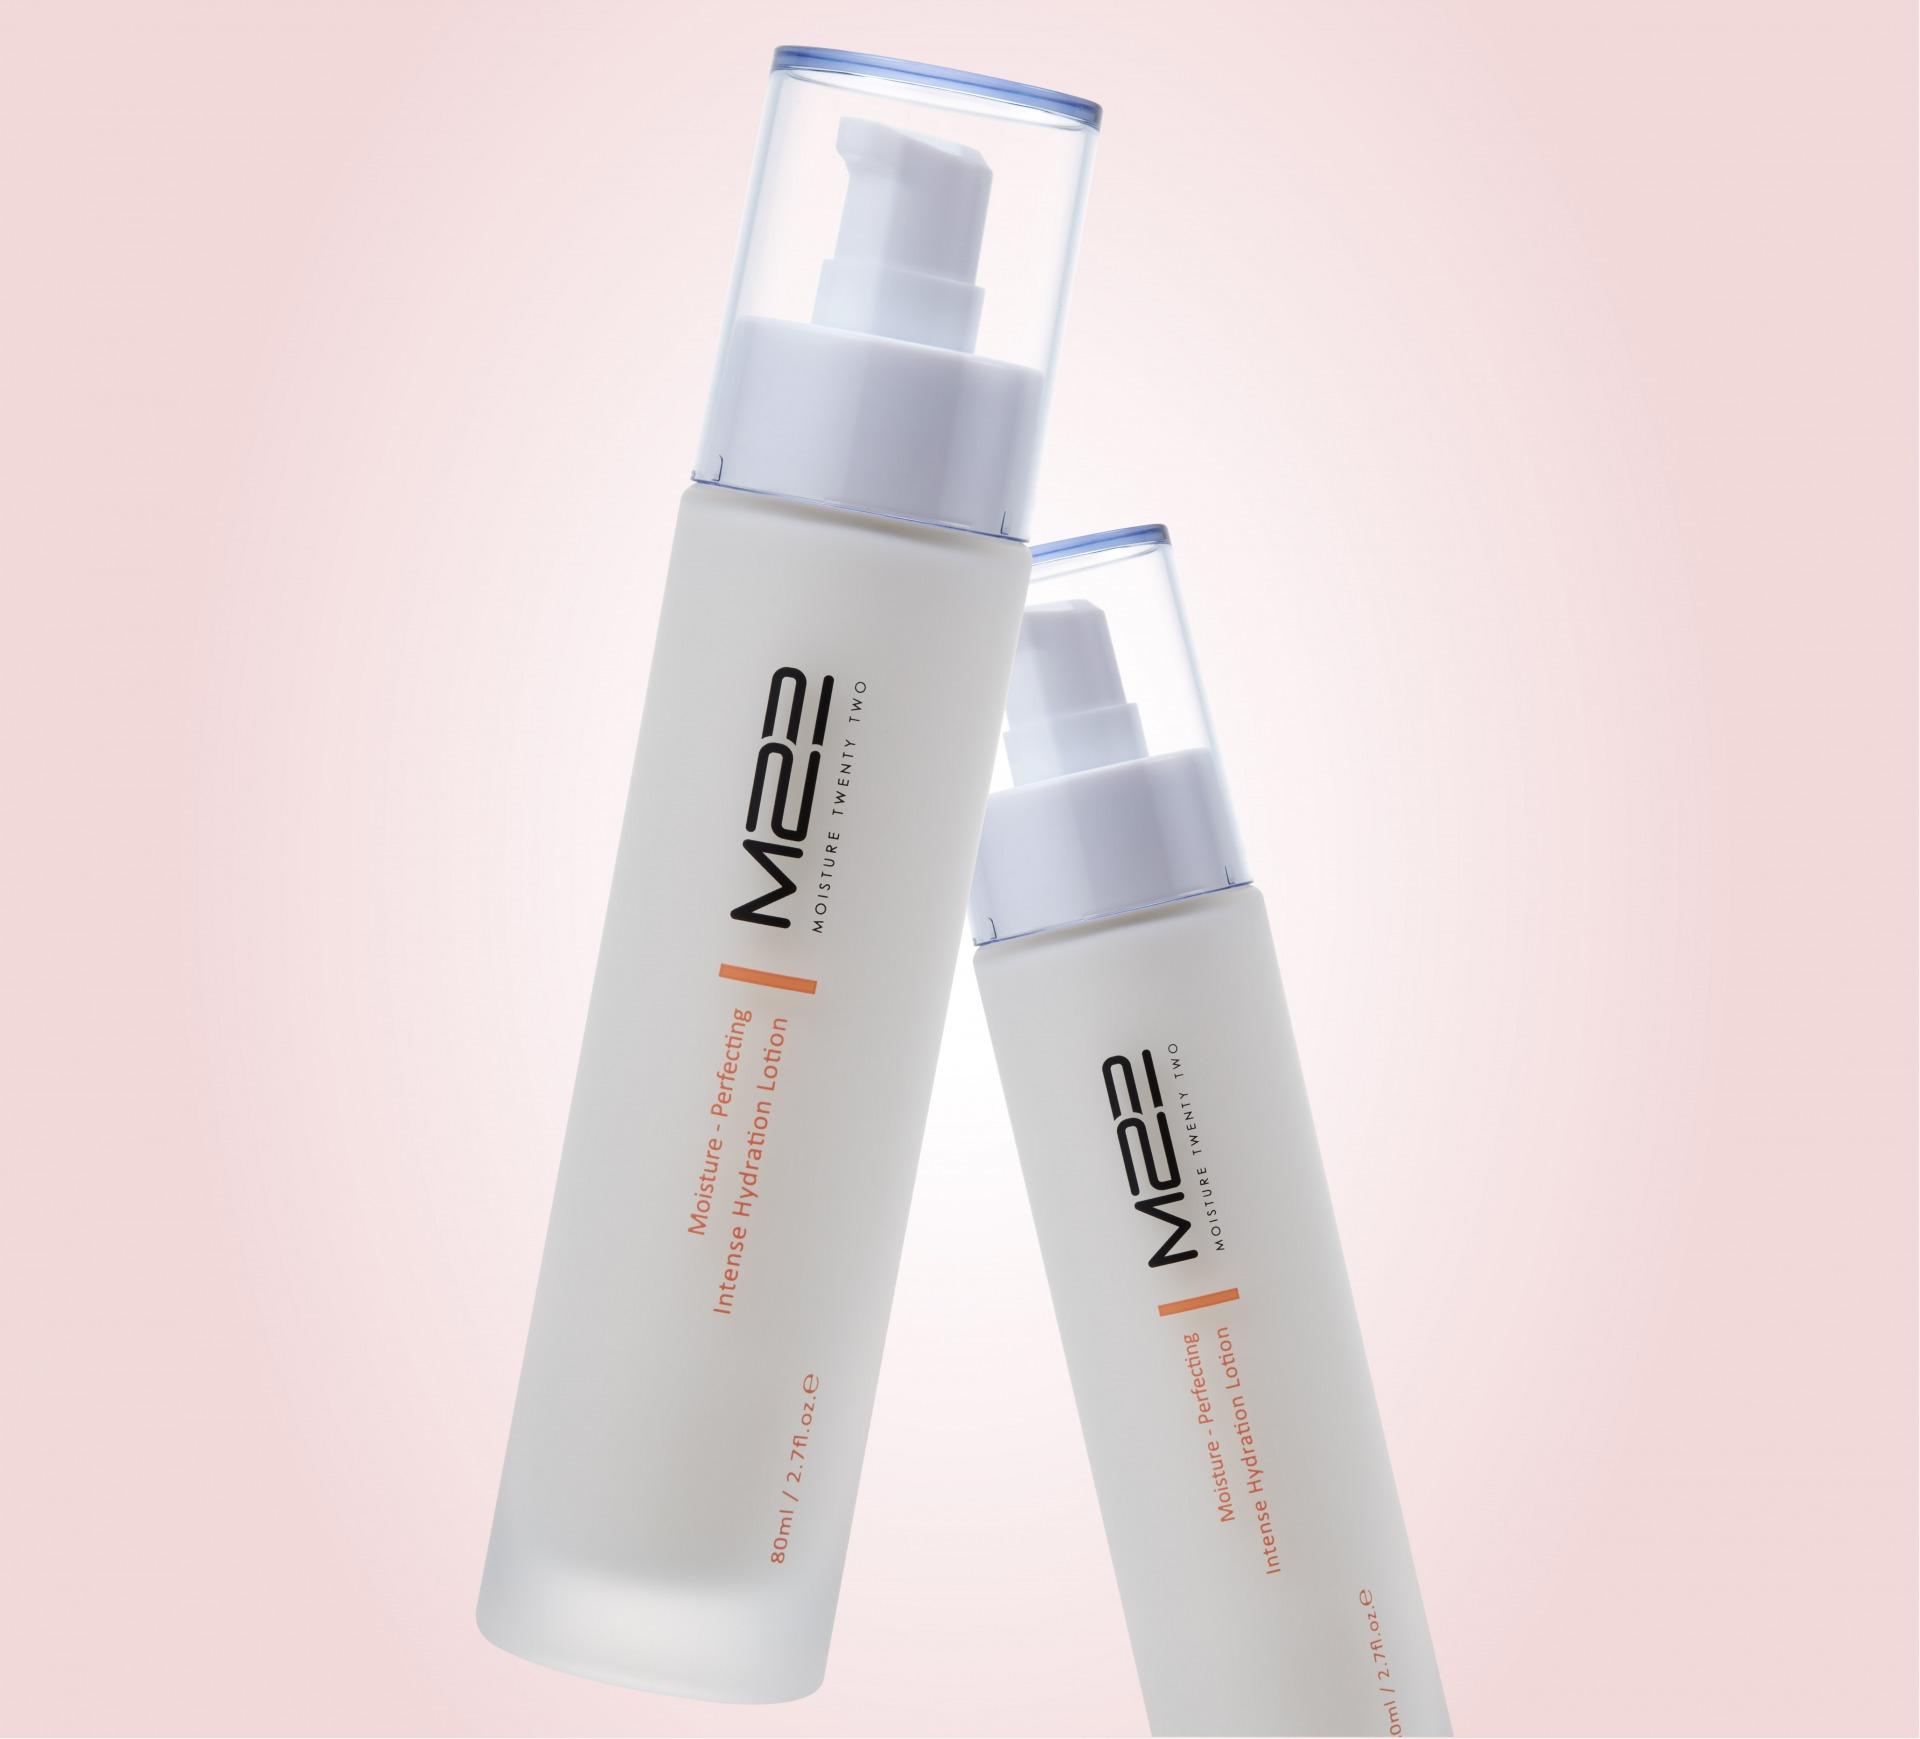 M22_v2_Products特潤保濕_特潤保濕乳液V2_product01